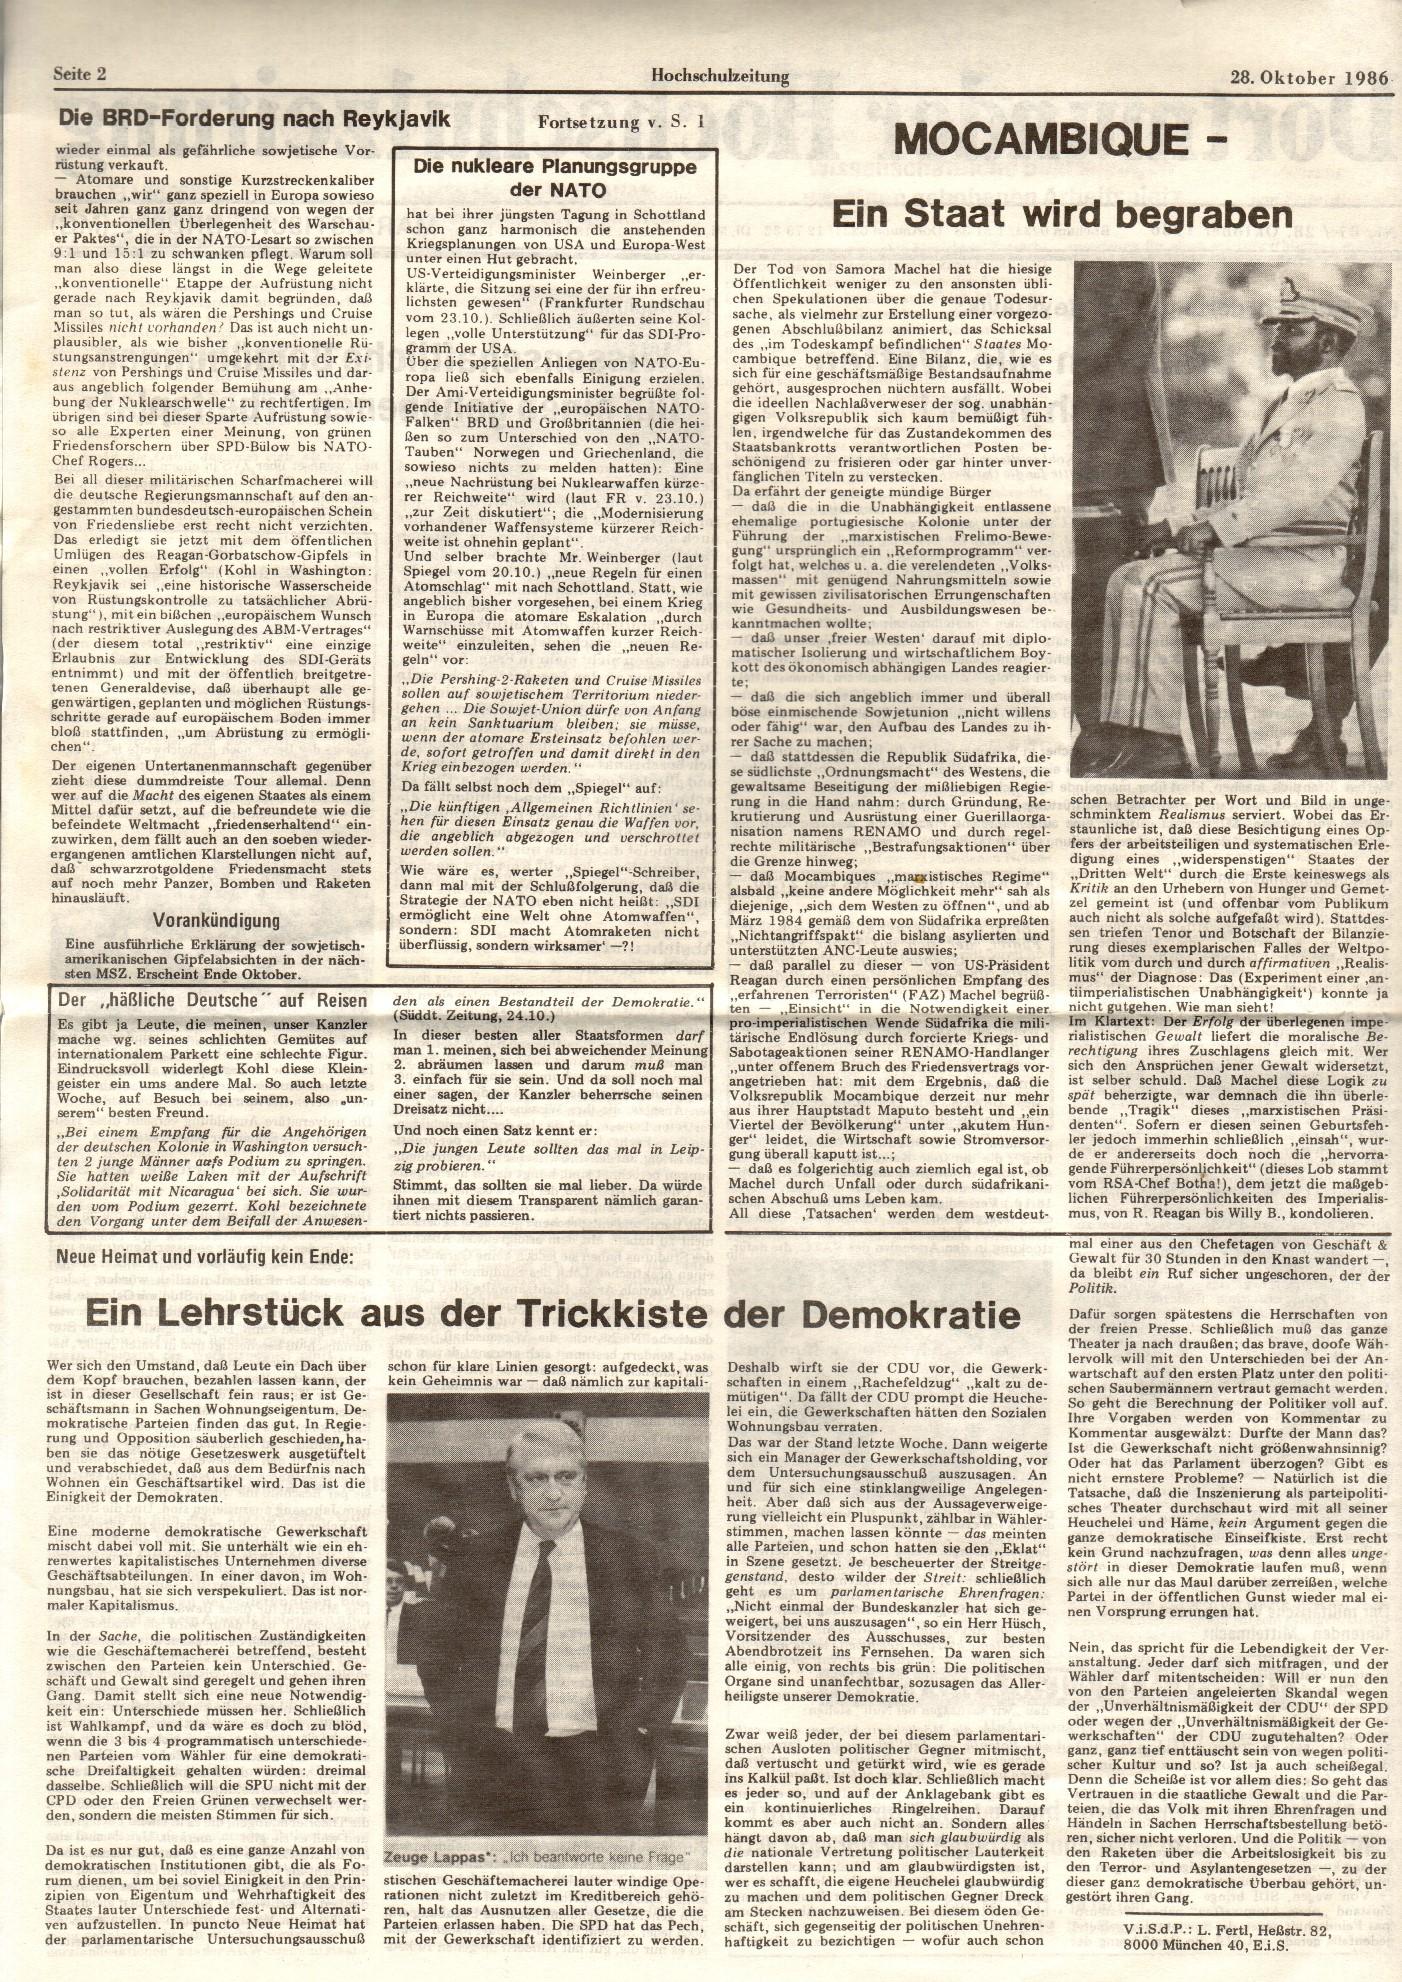 MG_Dortmunder_Hochschulzeitung_19861028_02